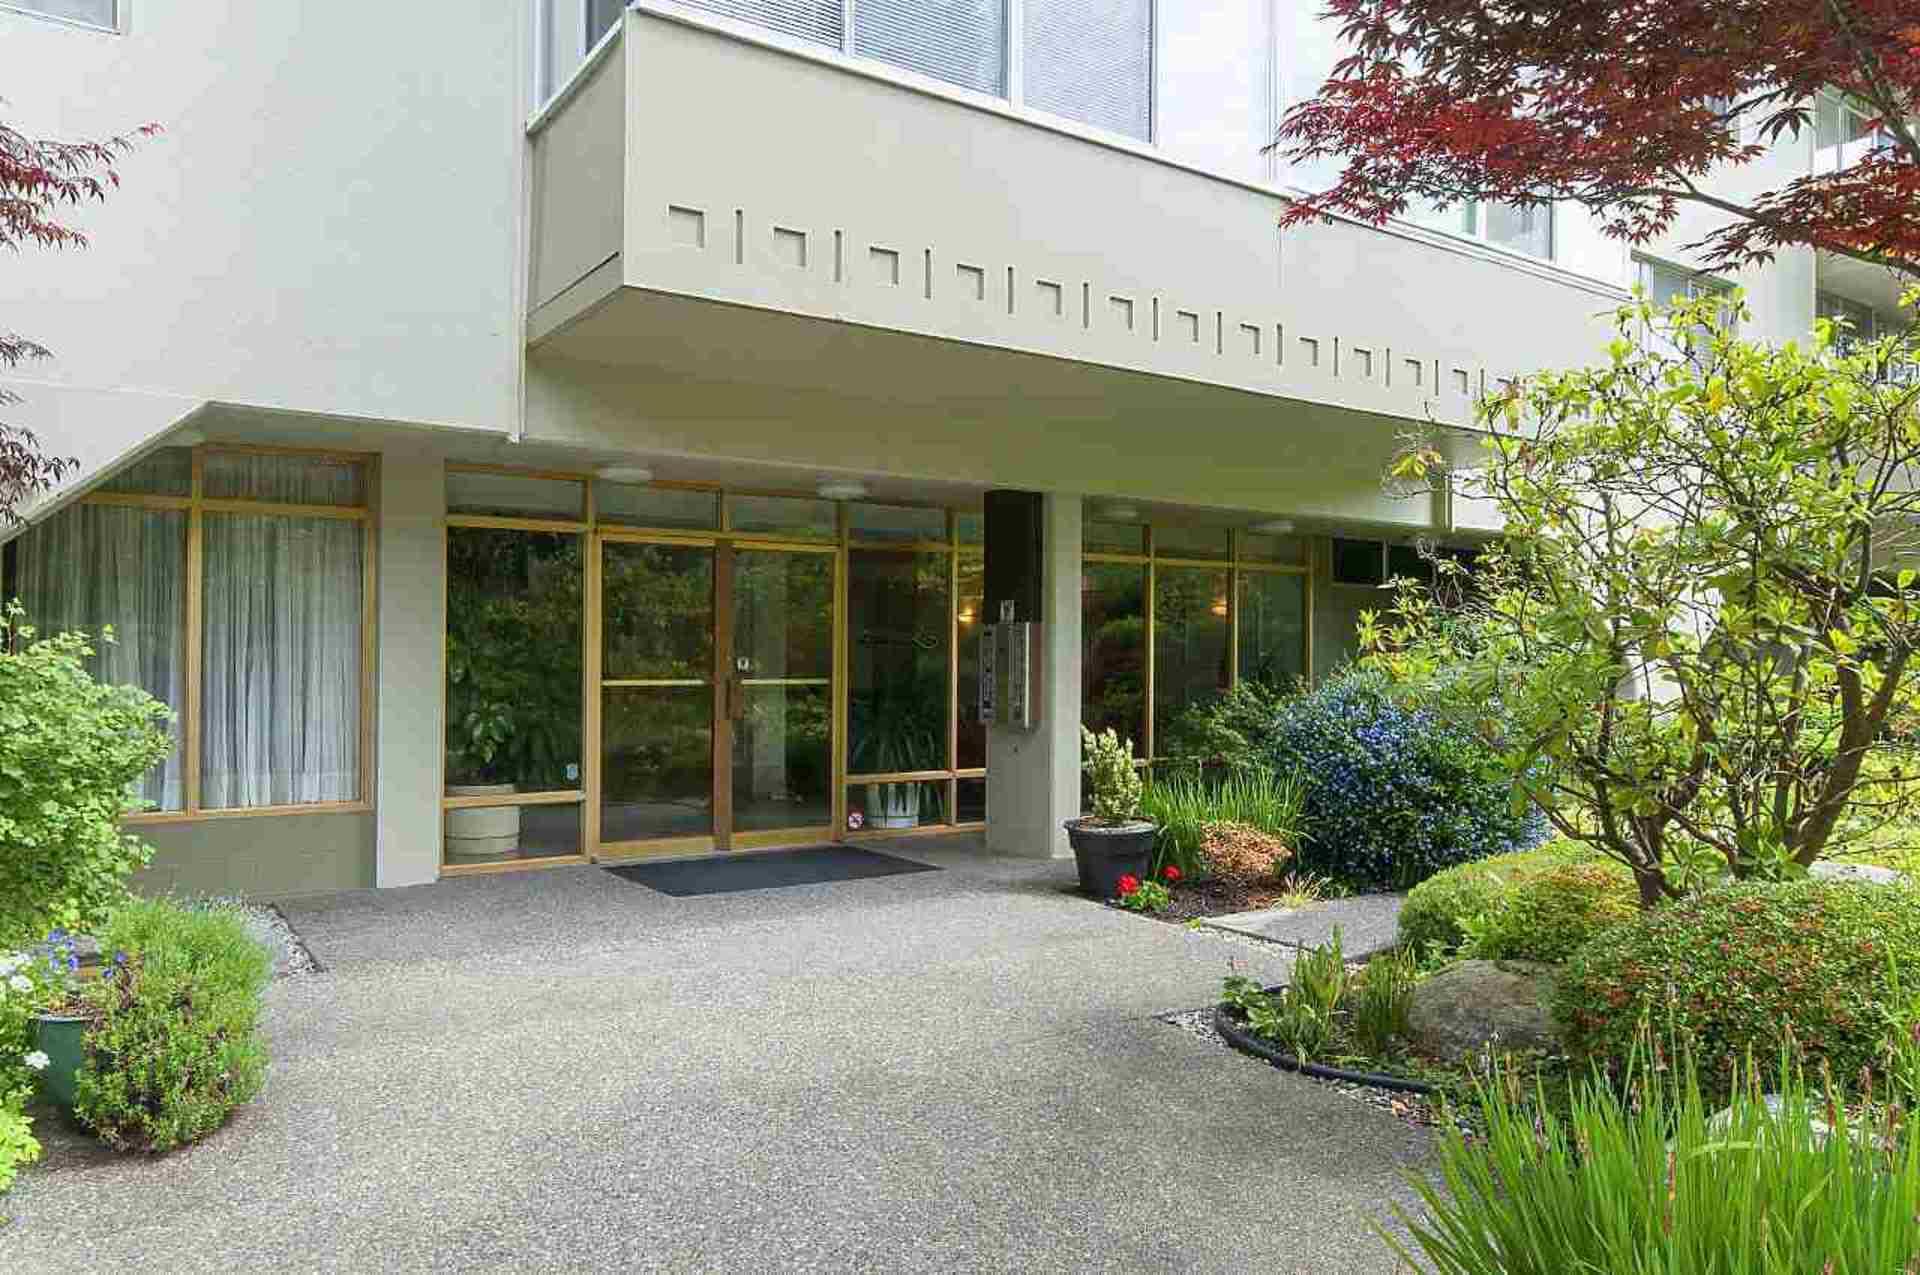 1425-esquimalt-avenue-ambleside-west-vancouver-02 at 505 - 1425 Esquimalt Avenue, Ambleside, West Vancouver